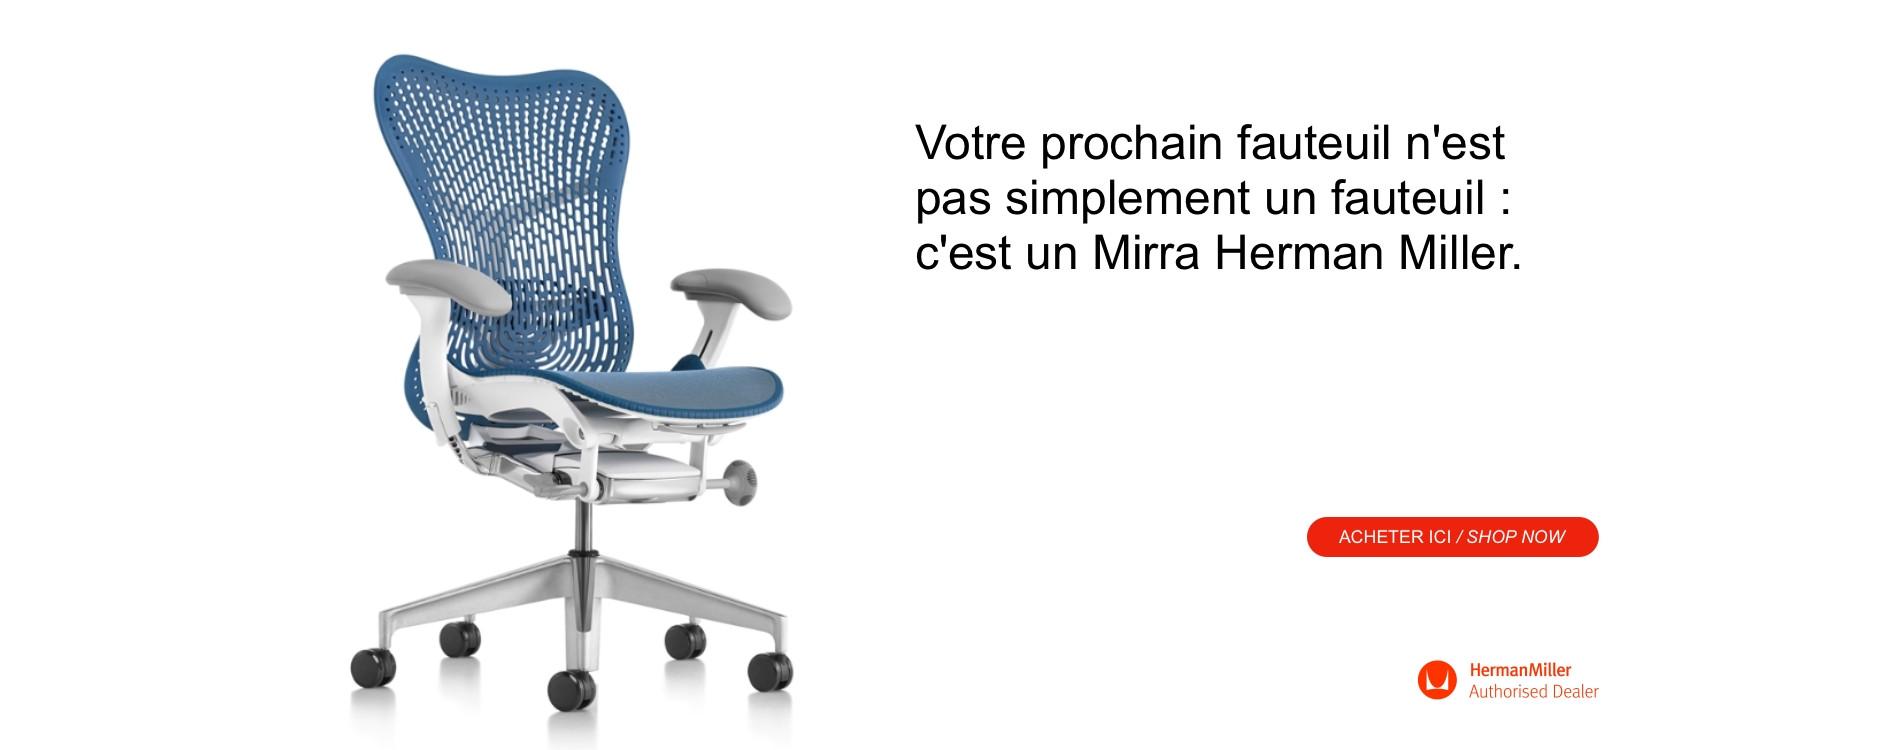 Votre prochain fauteuil est un Mirra Herman Miller